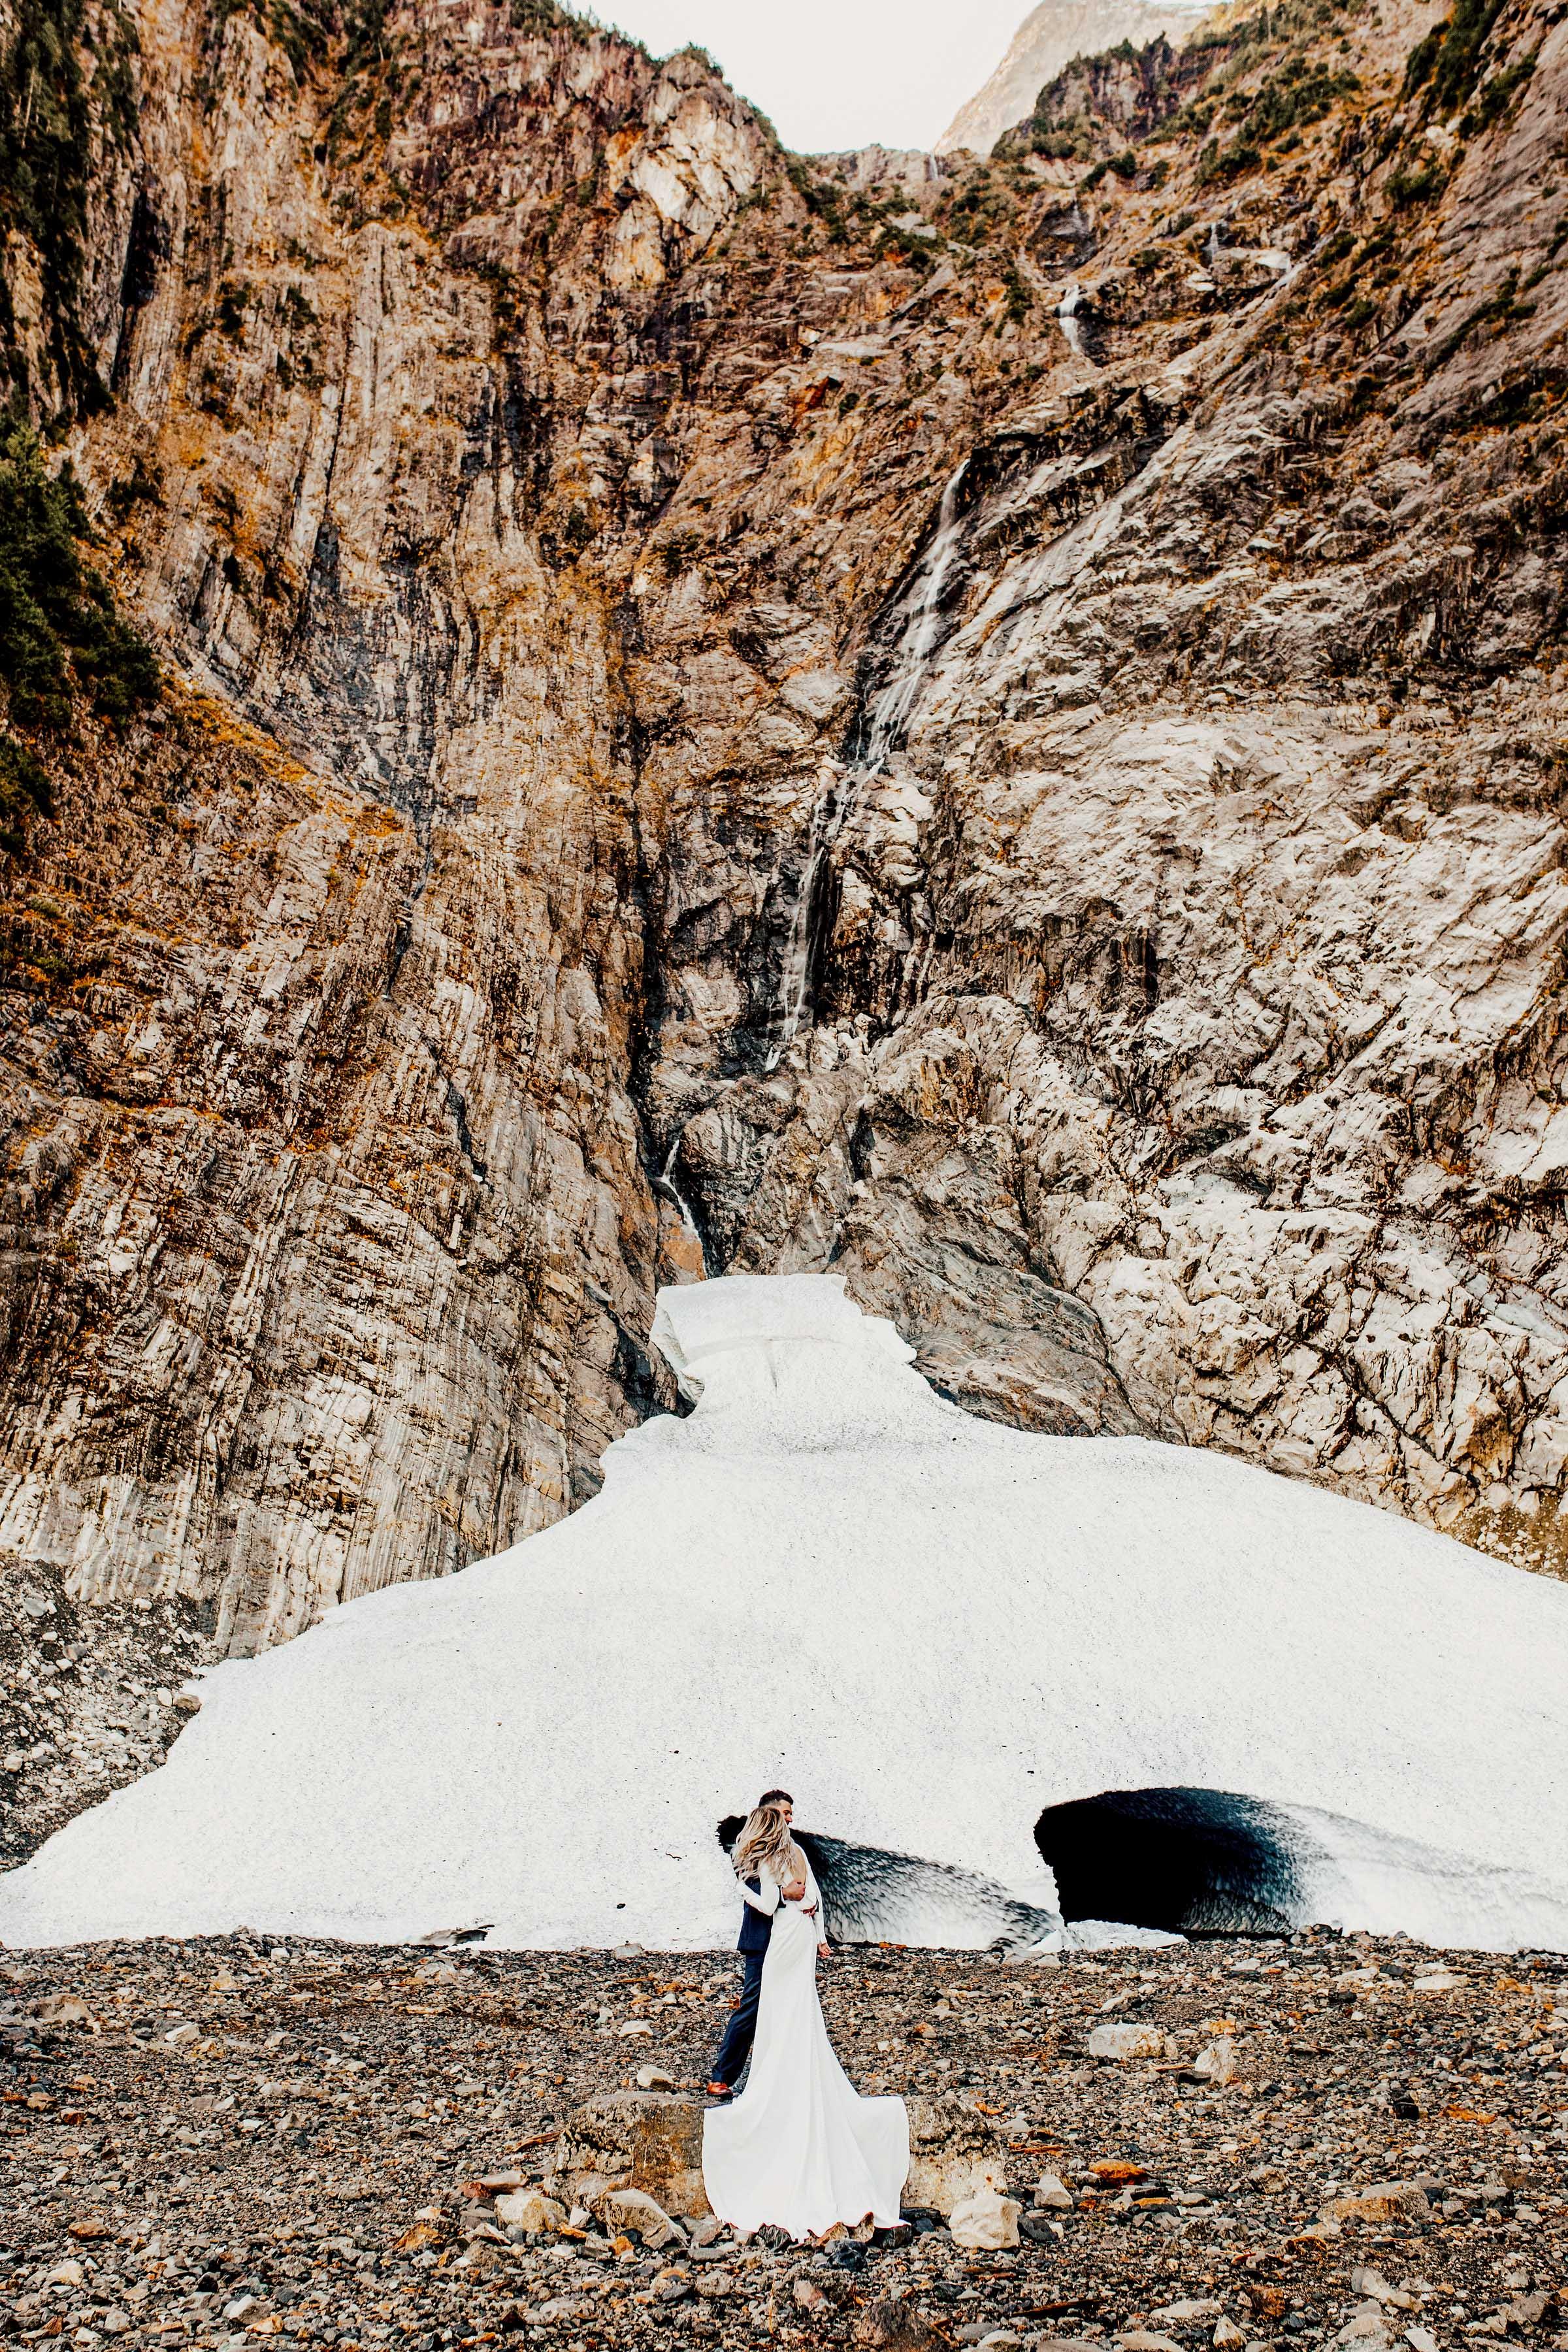 granitefallsicecave_pnw_elopement_wedding_destinationwedding-2.jpg